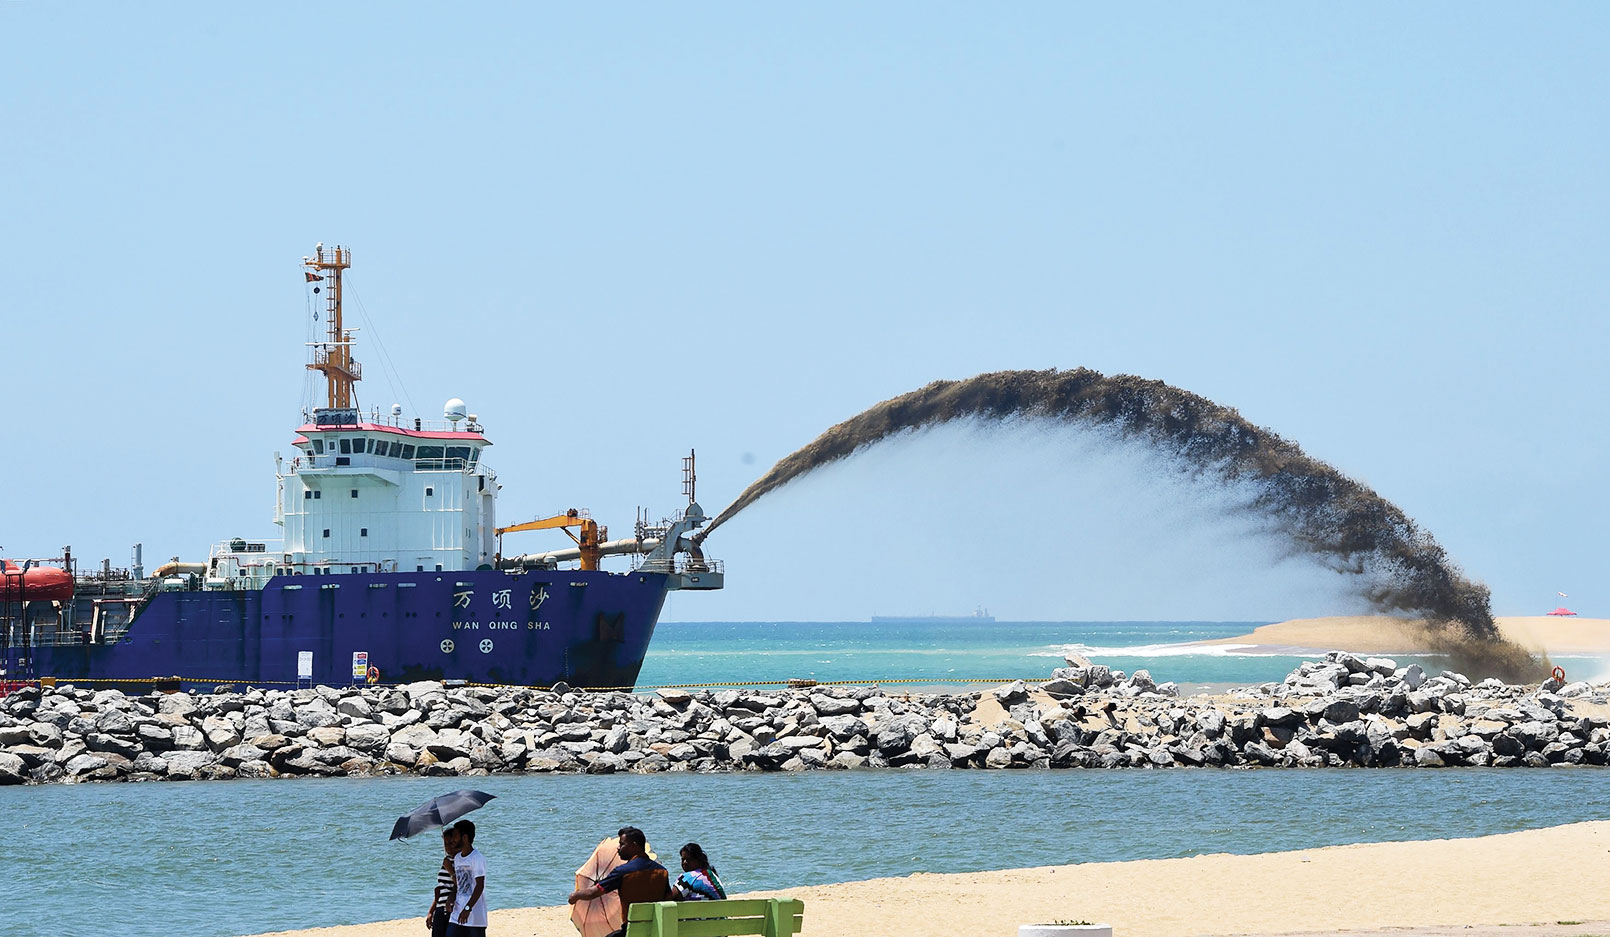 El <i> Wan Qing Sha </i>, una draga de succión con tolva de arrastre, ayuda a construir una nueva ciudad frente a la costa de Colombo como parte de un proyecto de infraestructura masivo de China, la mayor inversión extranjera en Sri Lanka.